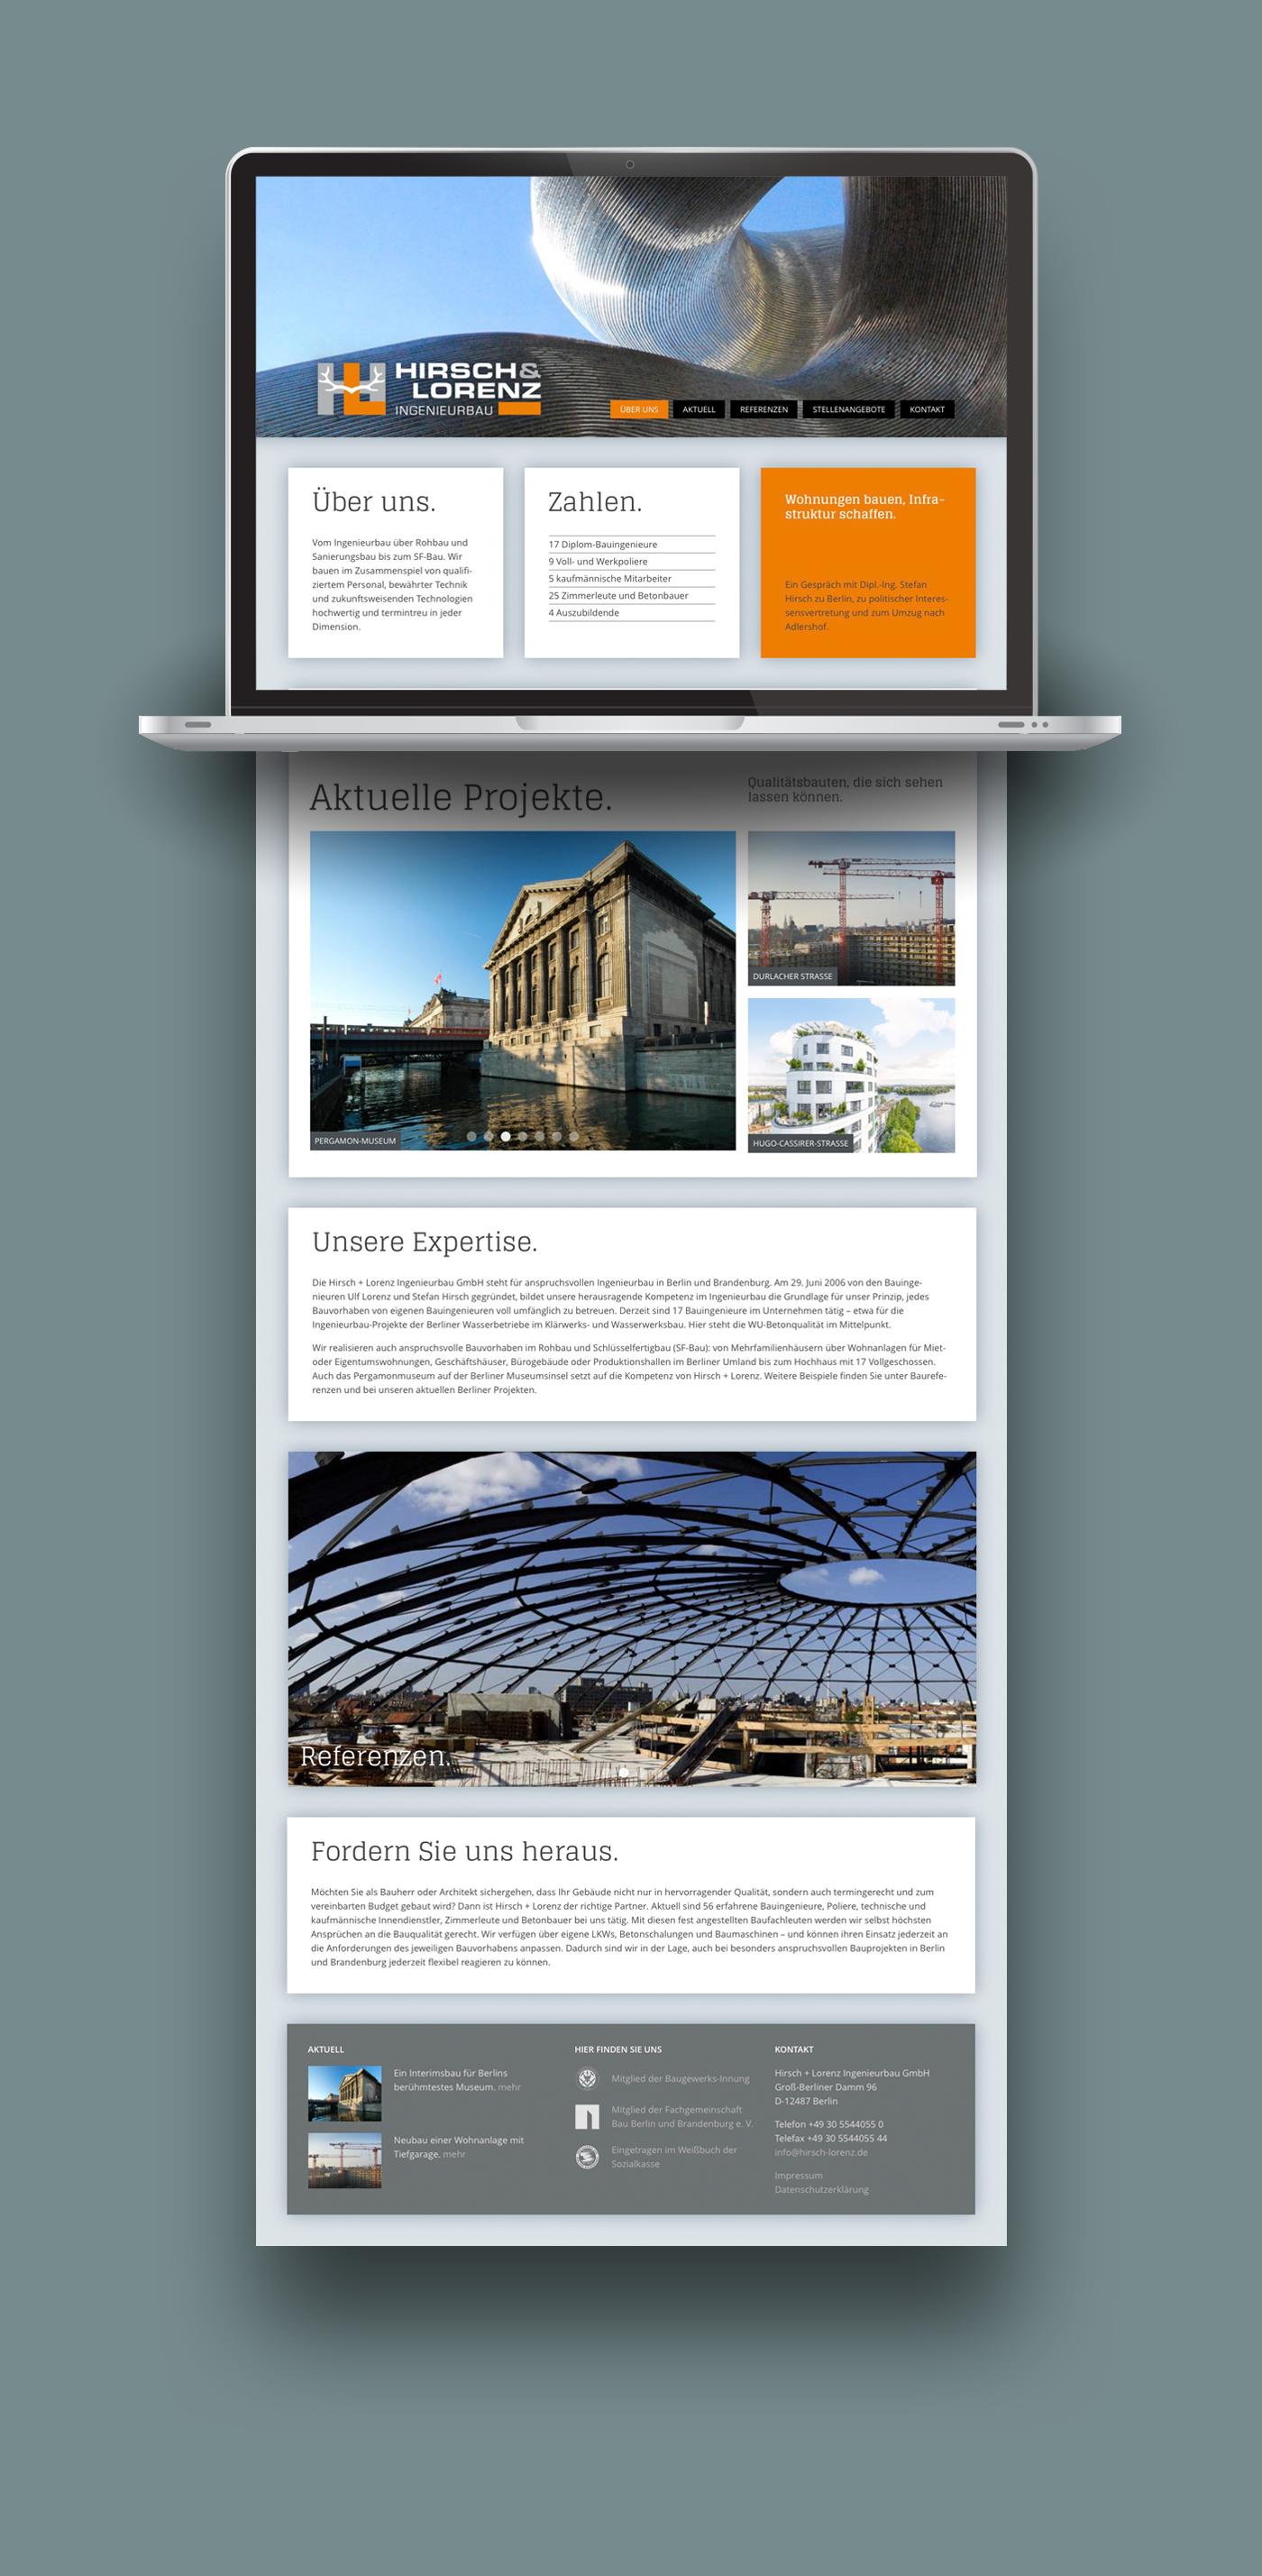 Bauunternehmen Berlin Brandenburg grafikdesign und webdesign bauunternehmen hirsch lorenz berlin